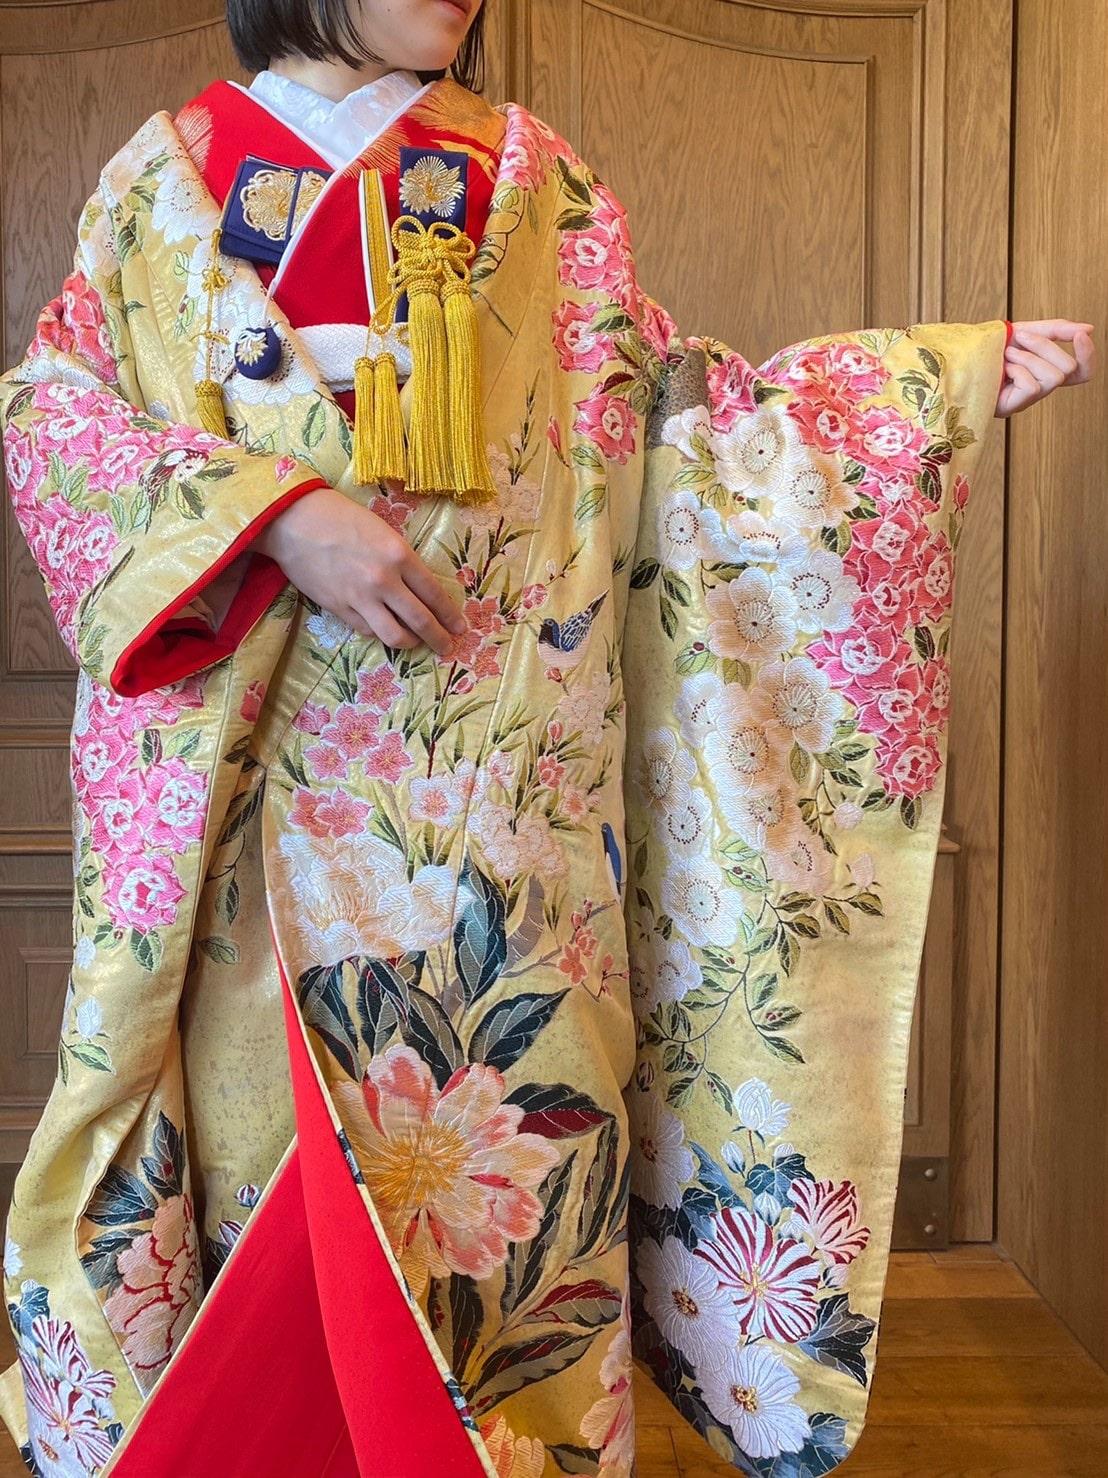 ザトリートドレッシング名古屋店が前撮りにおすすめの華やかな和装のコーディネート